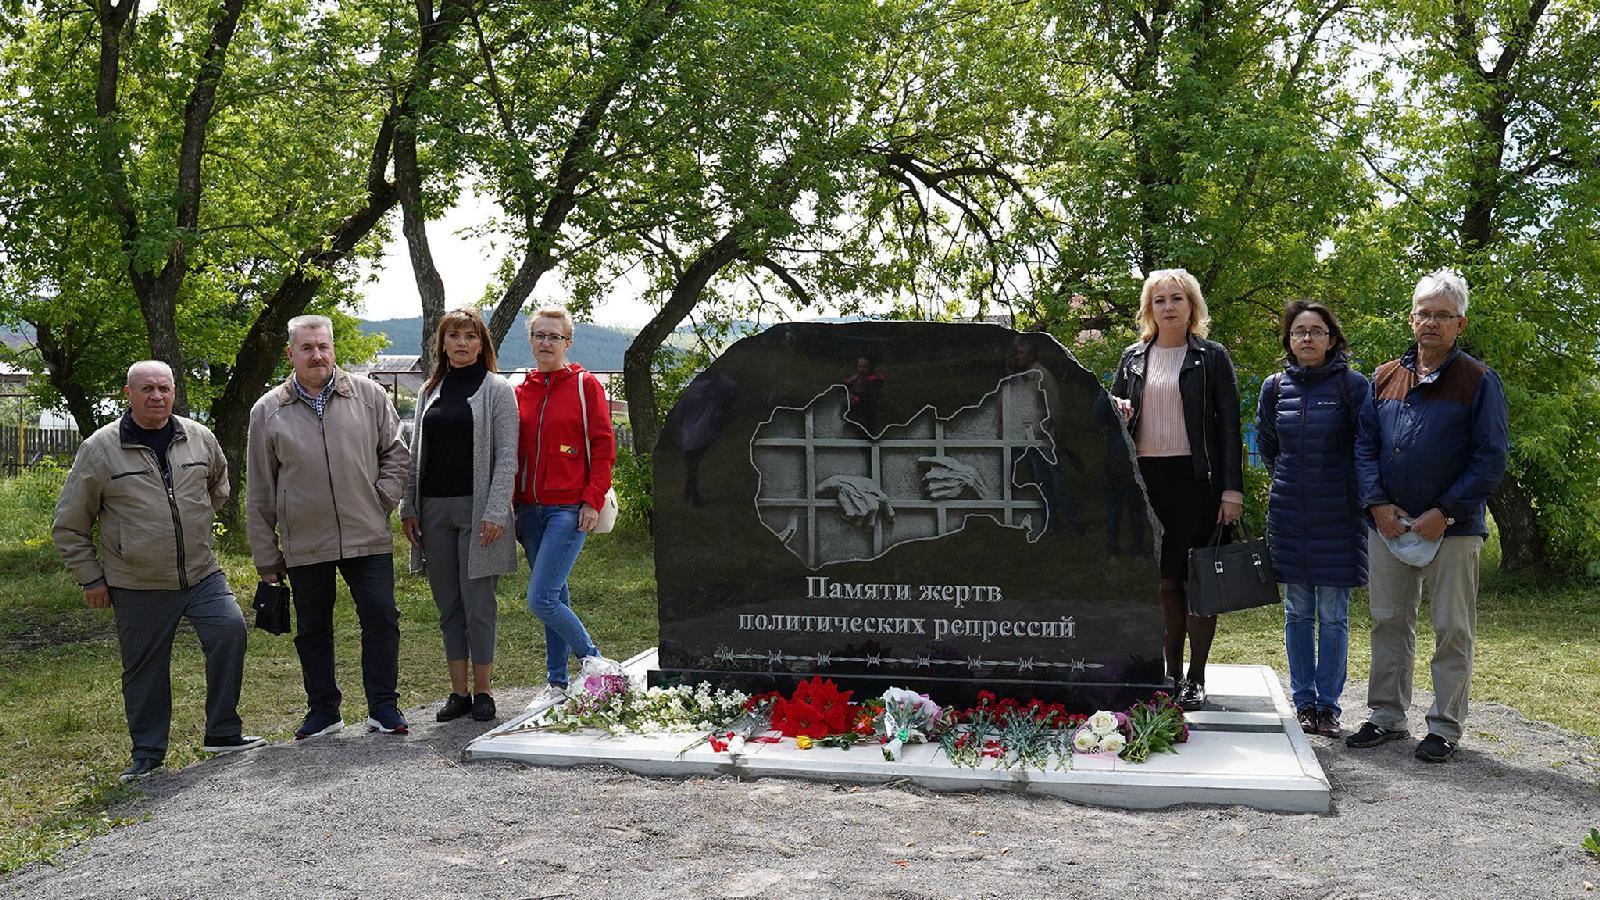 Итогом редакционного проекта «Право на доброе имя» стала установка памятника жертвам политических репрессий. Усть-Катав. 26 июня 2020 года